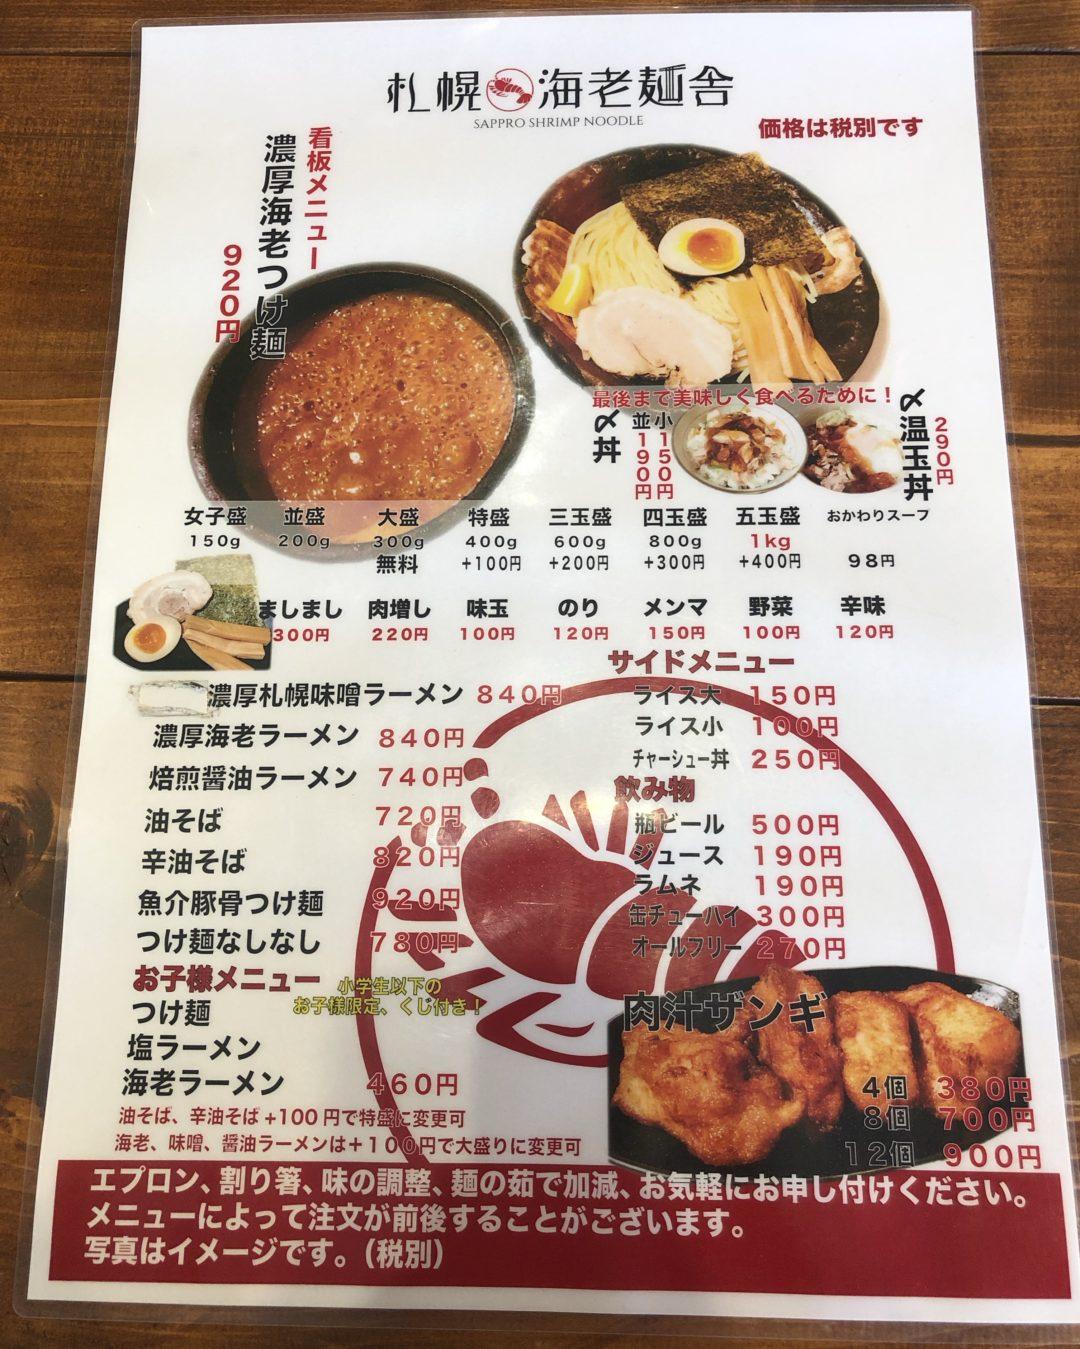 札幌海老麺舎のメニュー表